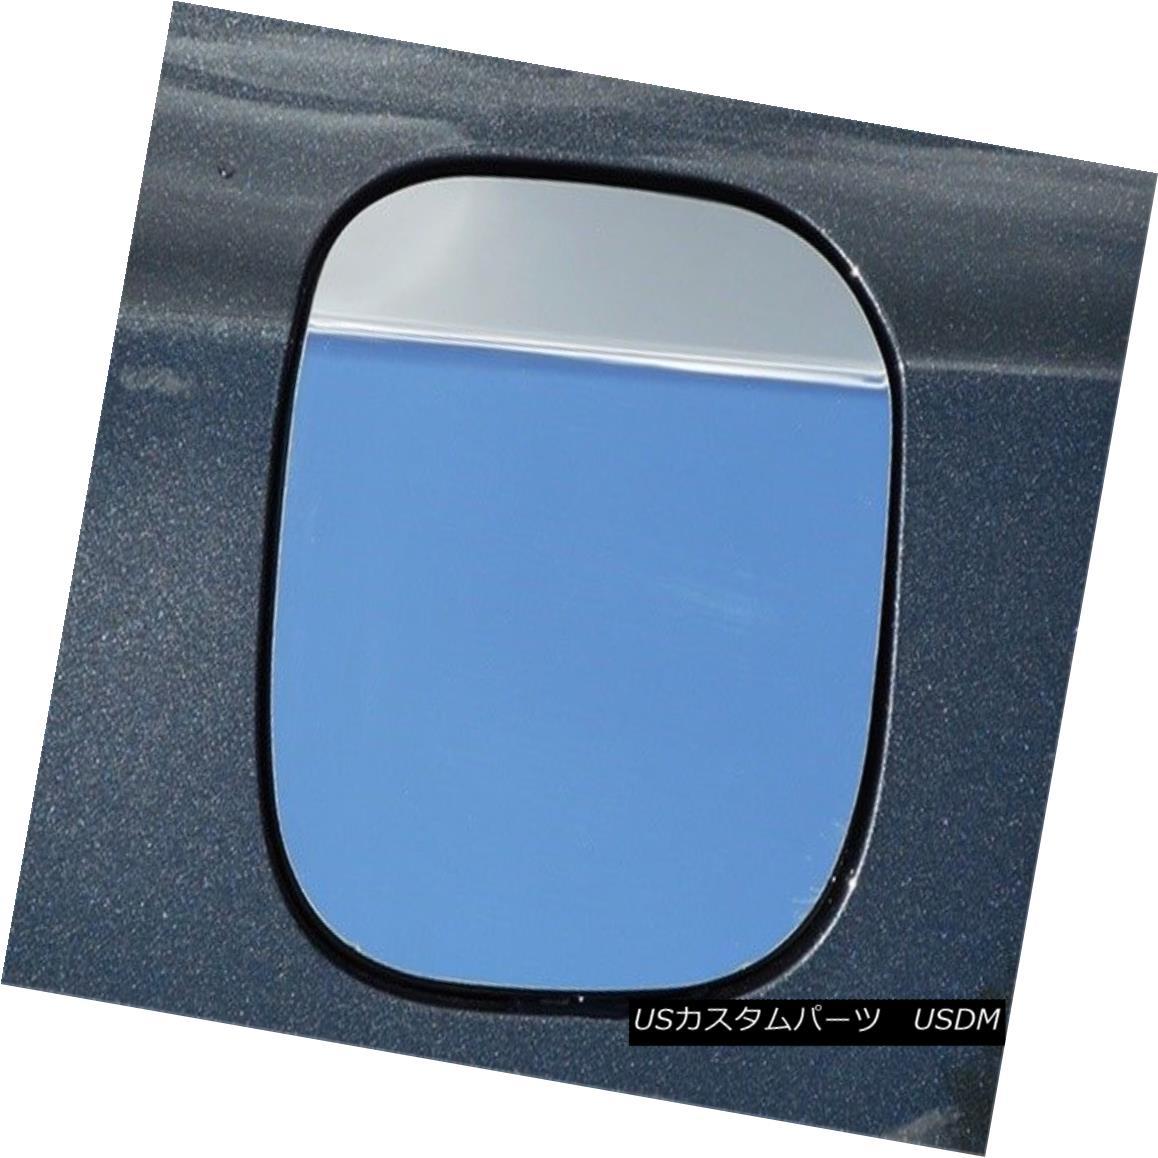 グリル Fits 2016-2017 CHEVROLET MALIBU 4-door -Stainless Steel GAS CAP DOOR フィット2016-2017 CHEVROLET MALIBU 4ドア - ステンレススチールガスCAP DOOR